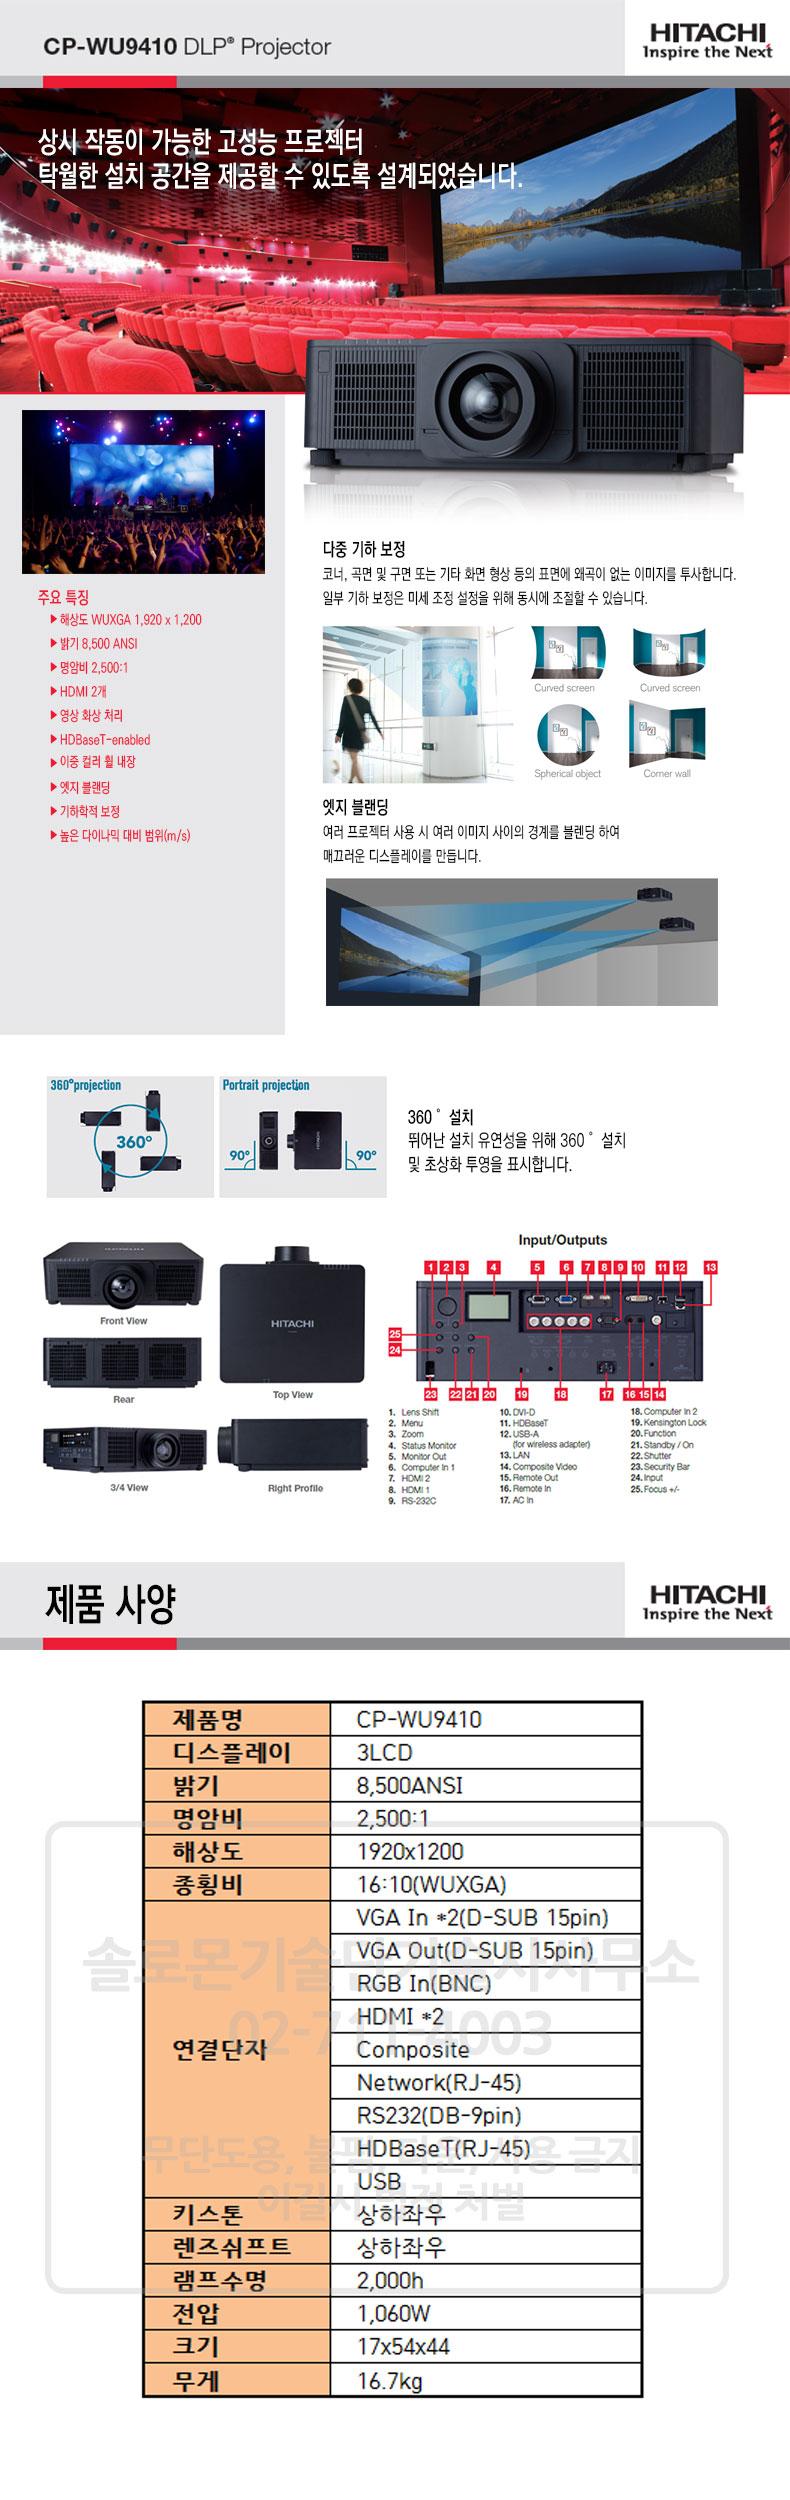 히타치 DLP 프로젝터 CP-WU9410